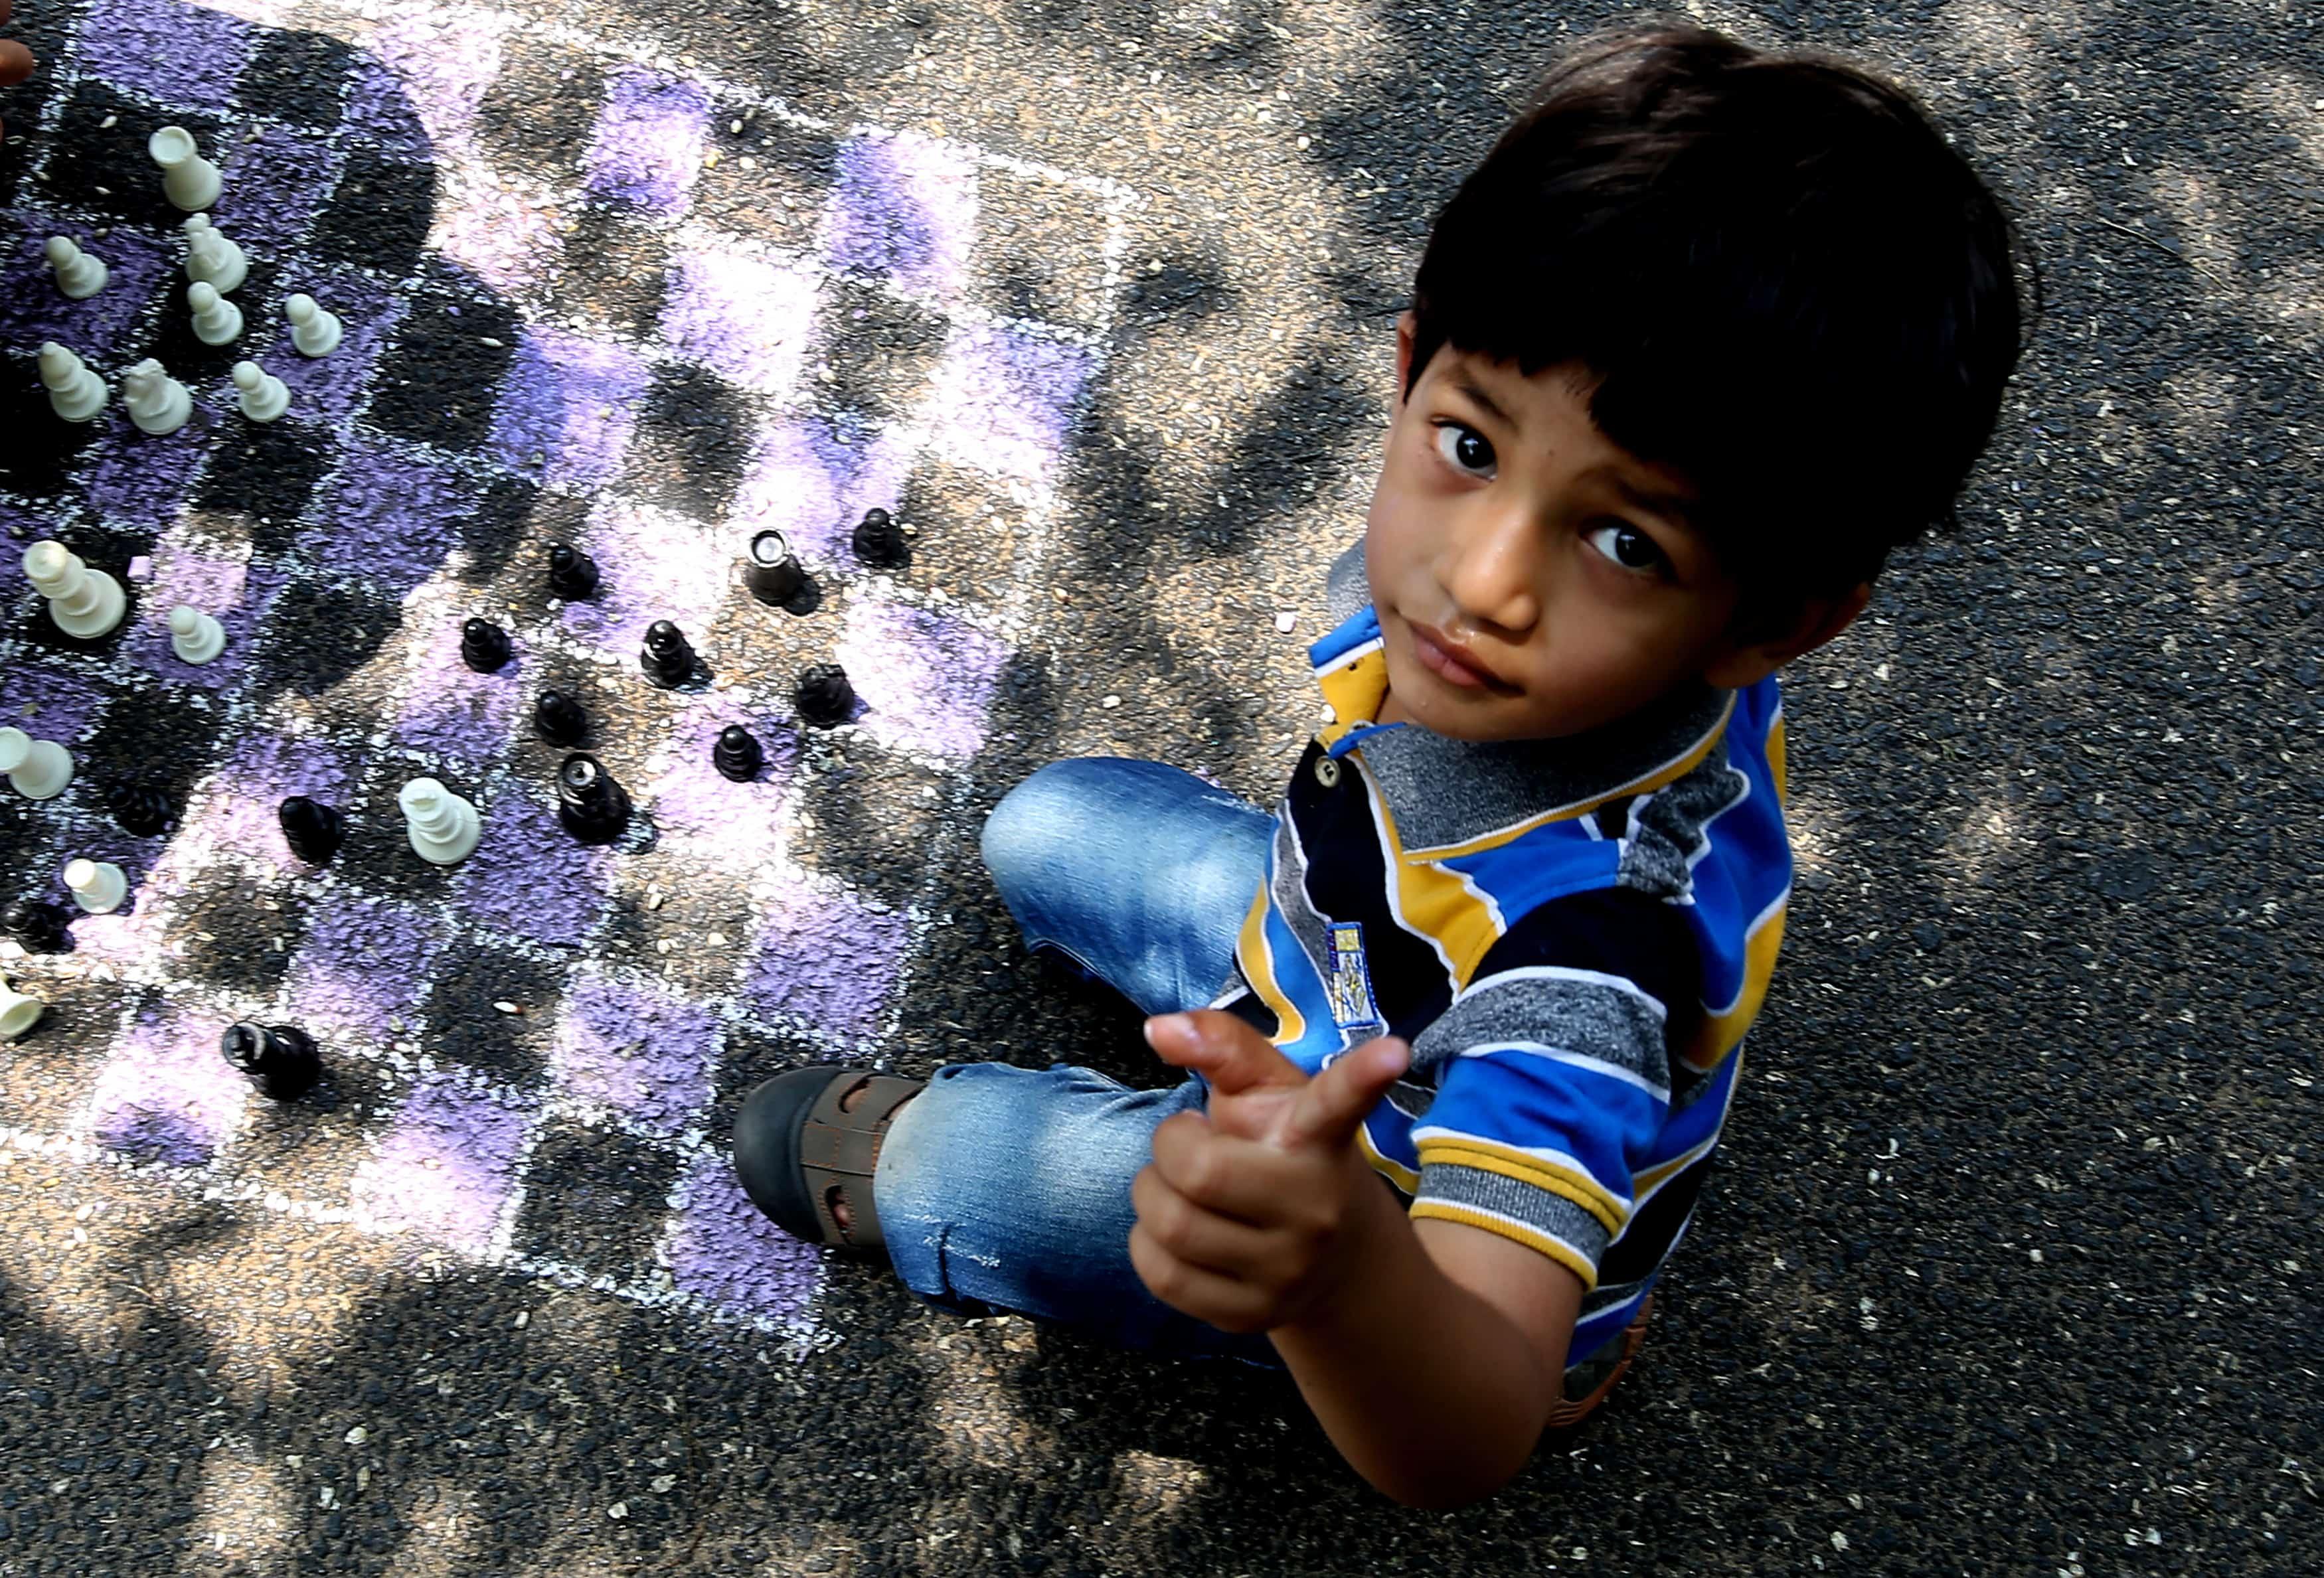 Un enfant indien pointe son doigt lors d